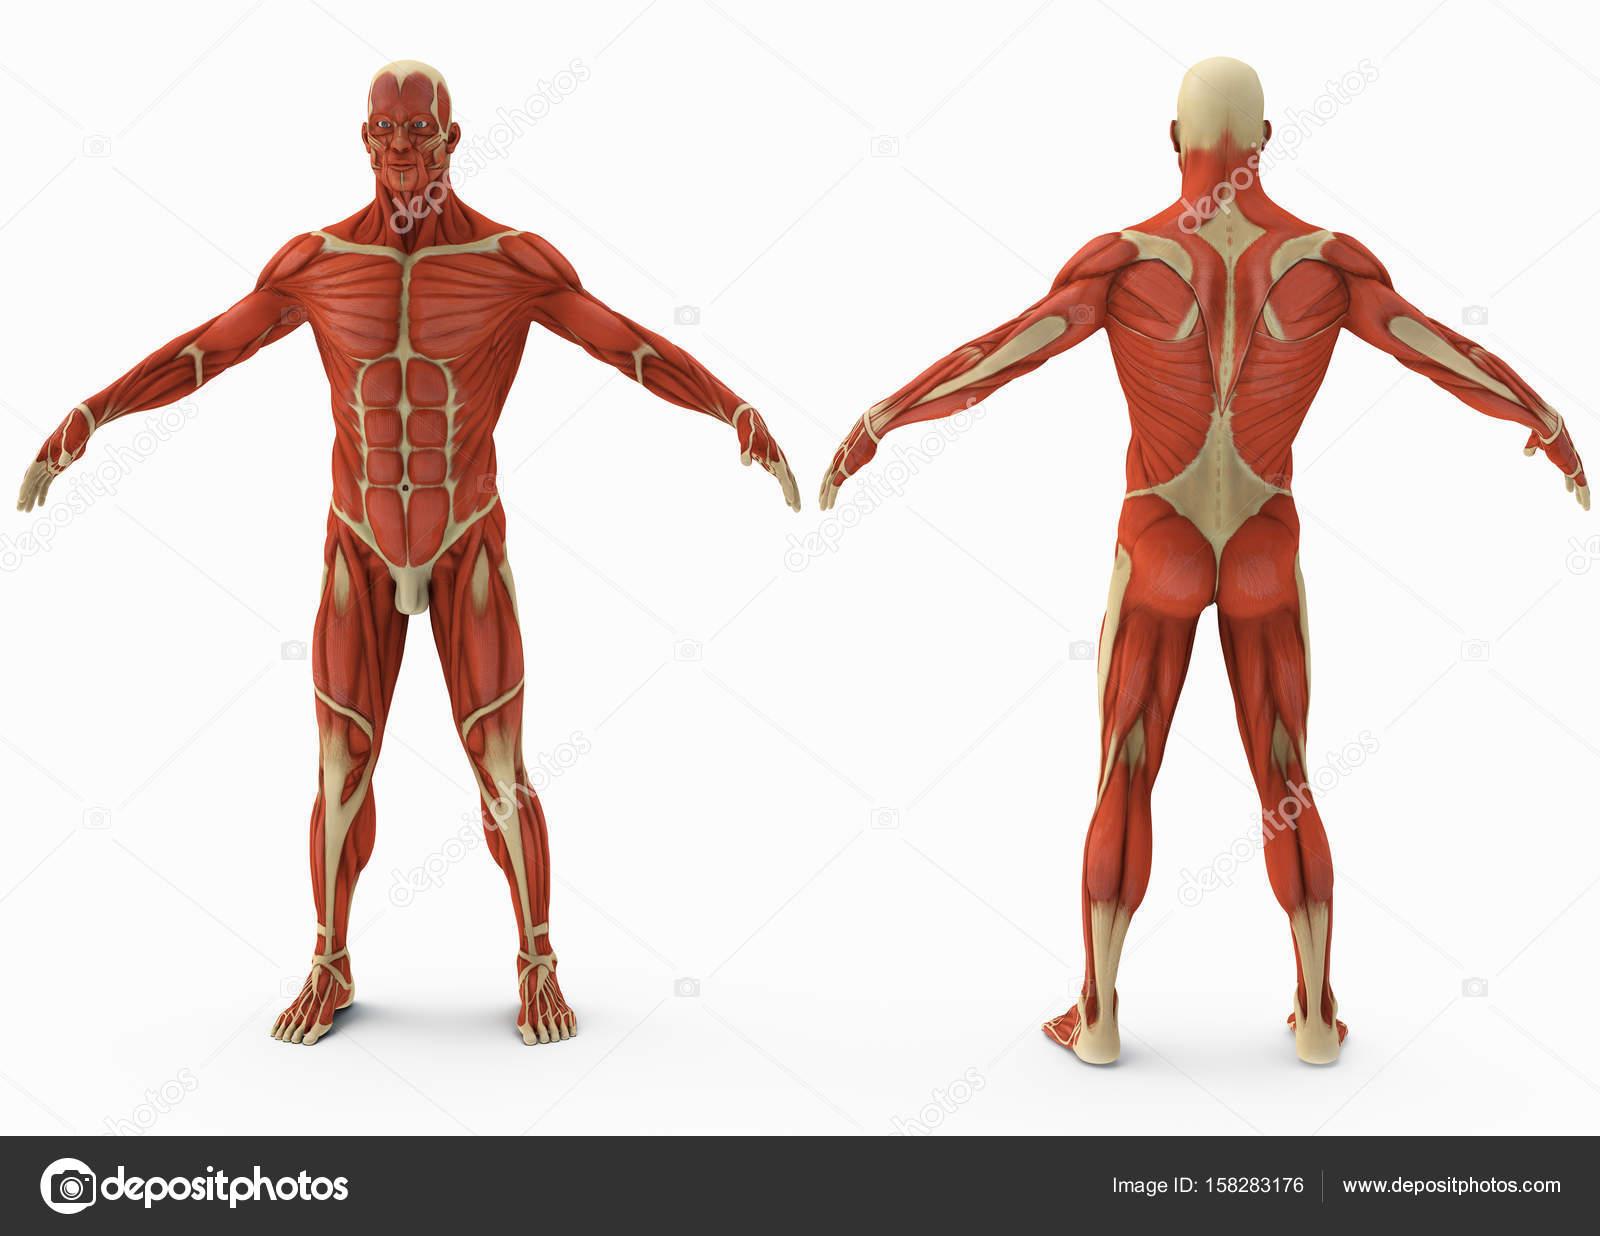 Berühmt Echte 3d Anatomie Bilder - Anatomie Ideen - finotti.info